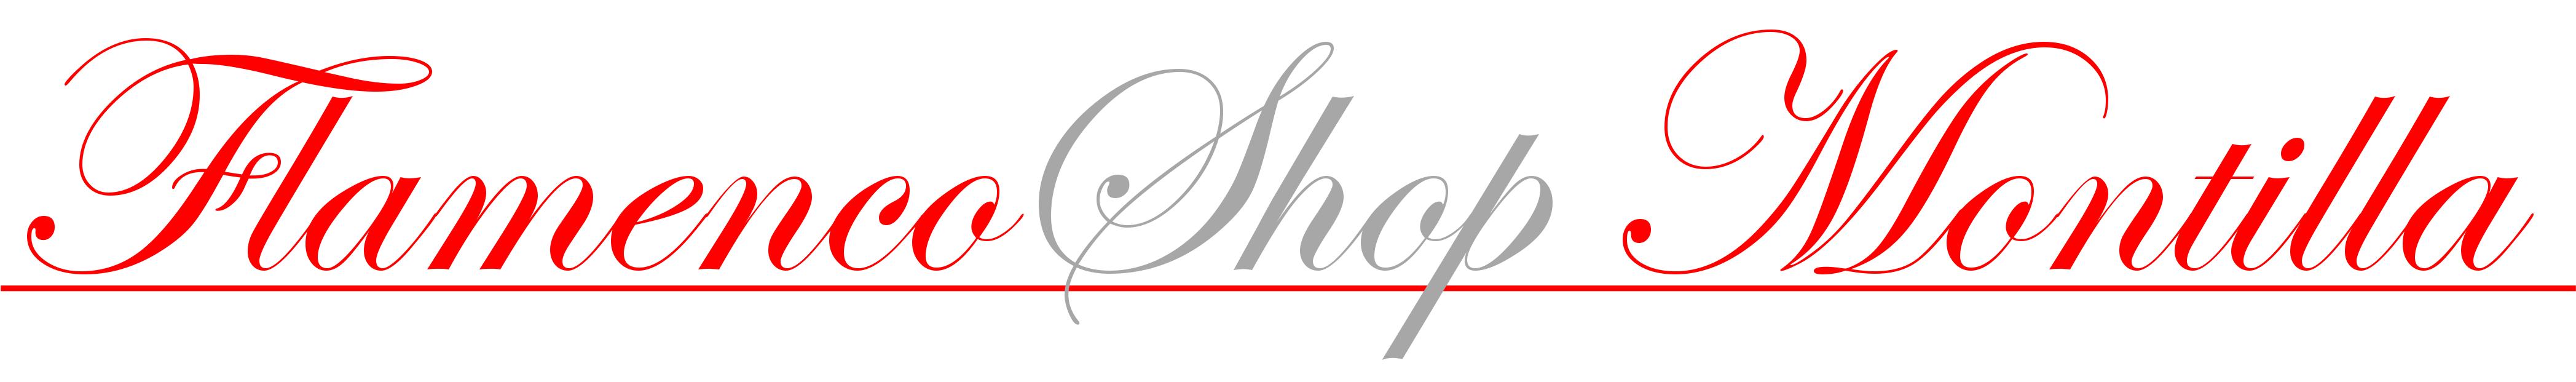 FlamencoShop Montilla-Logo